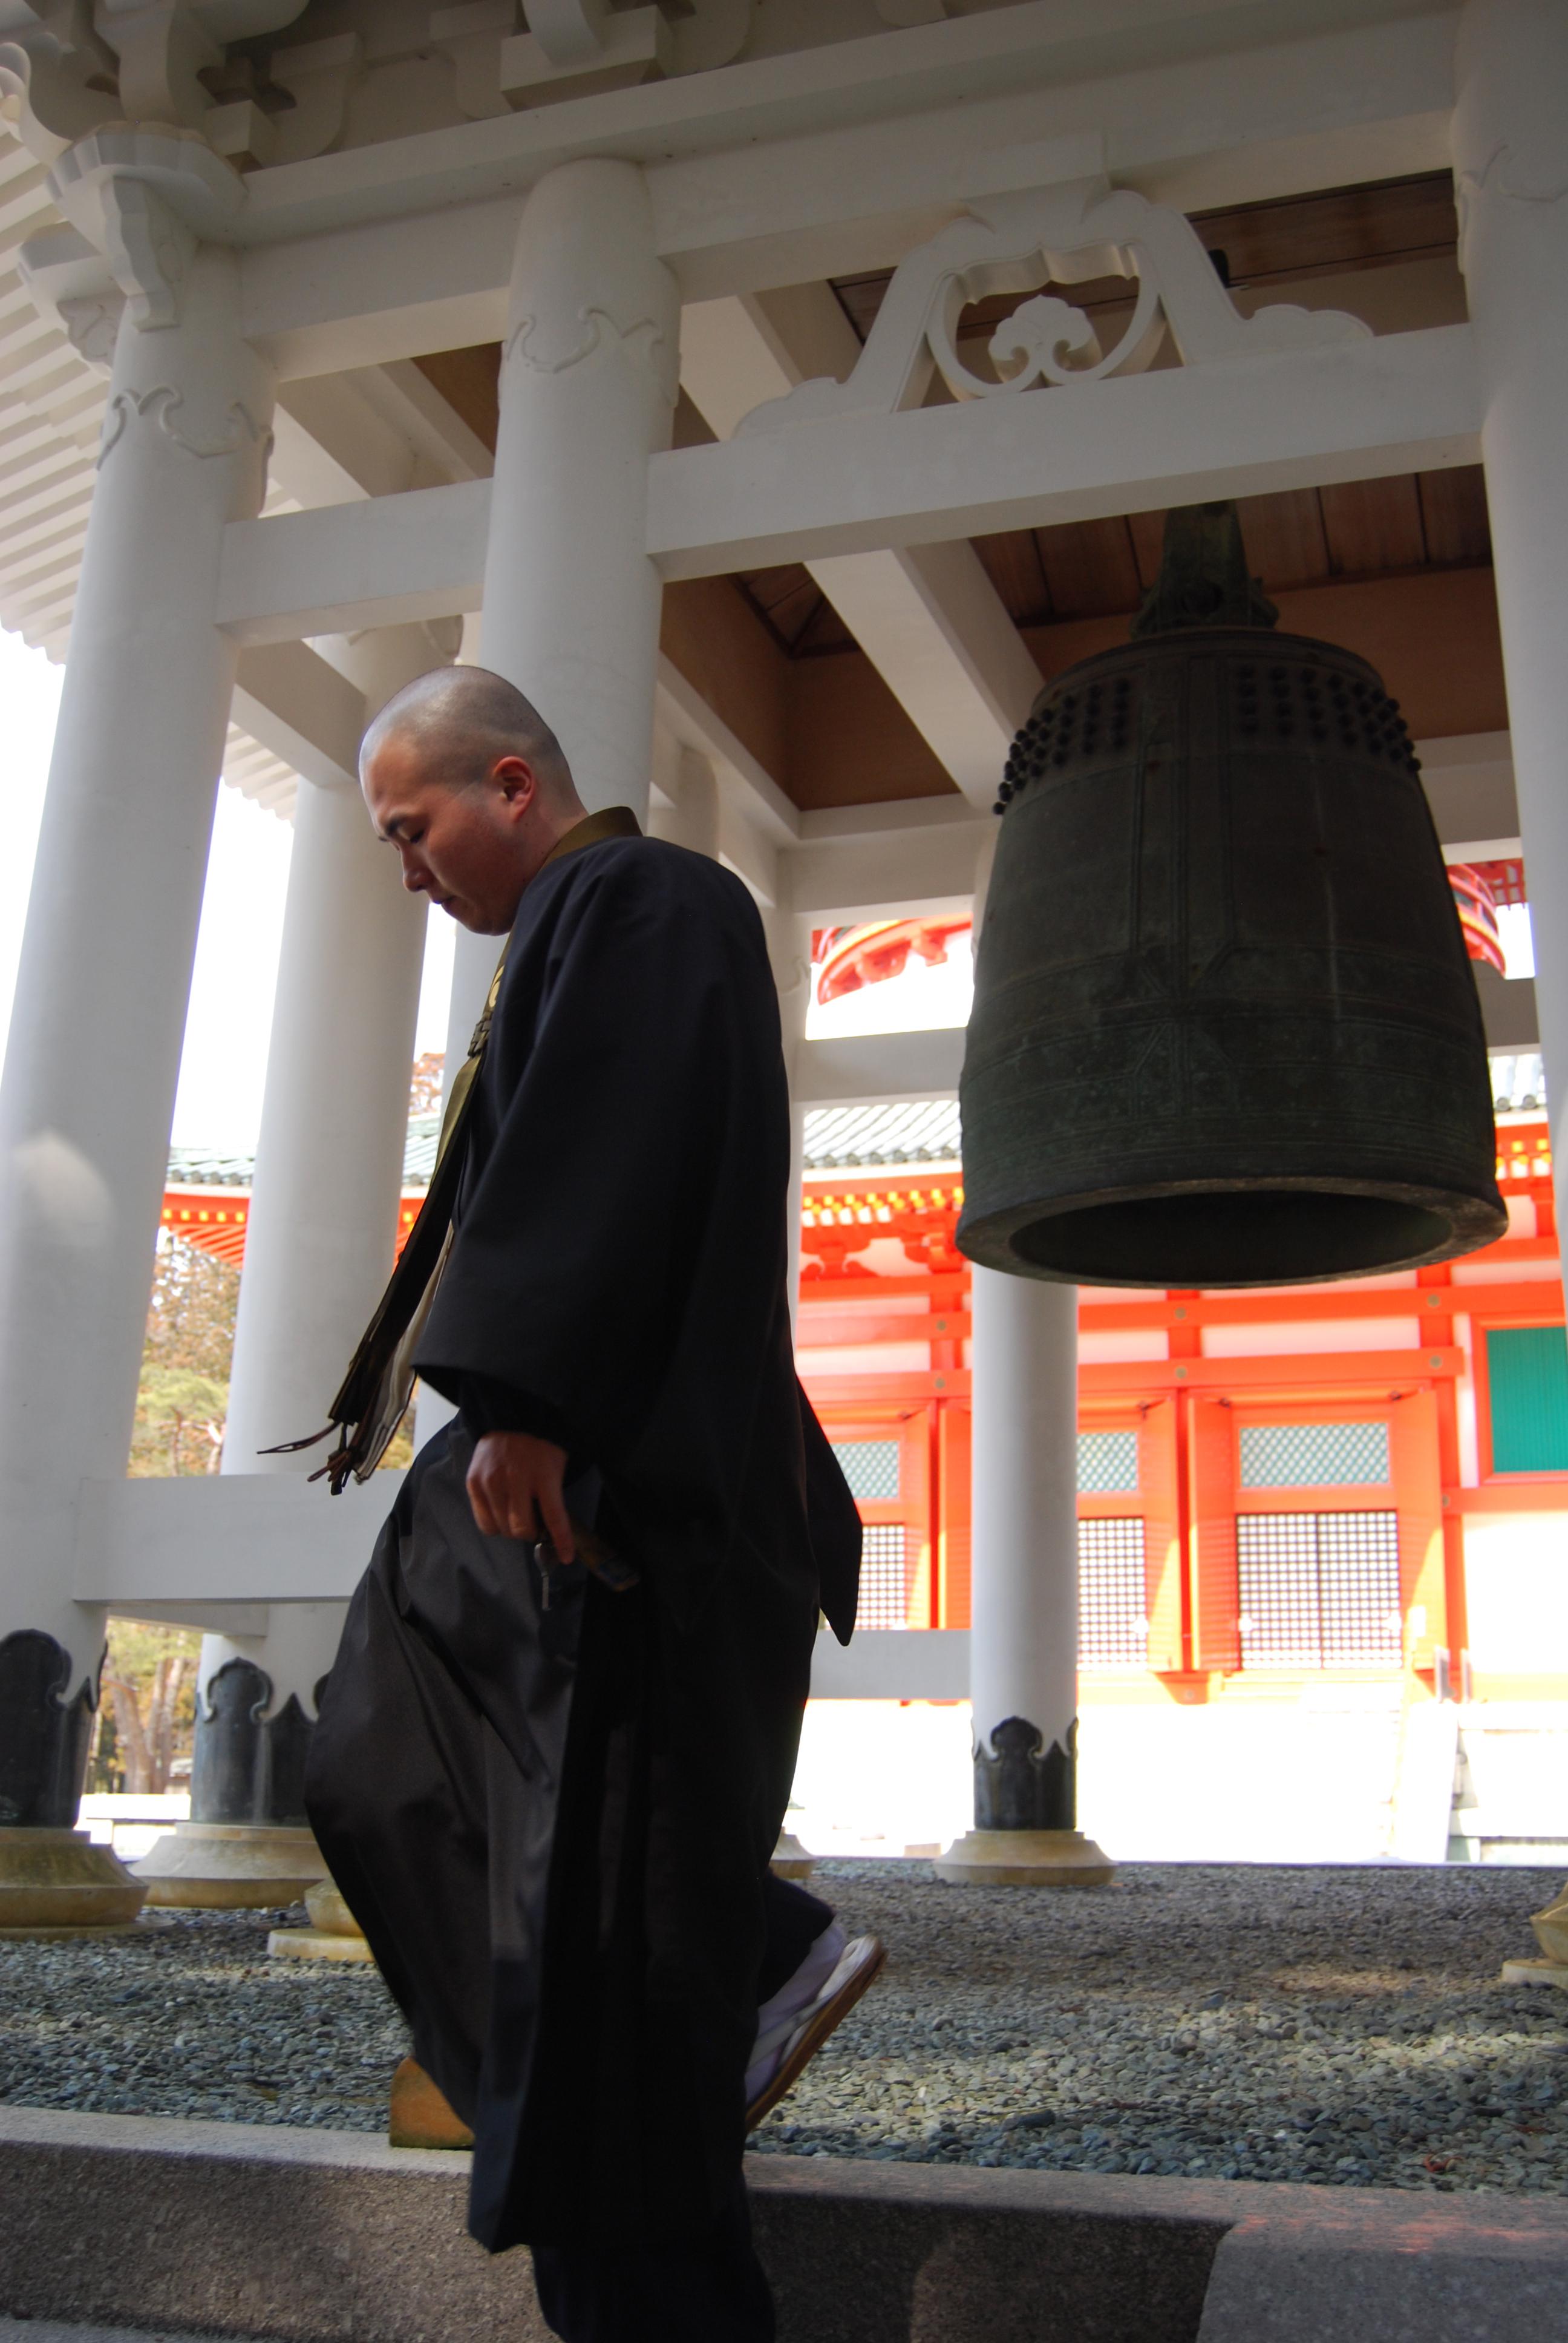 Buddhist Bellringer